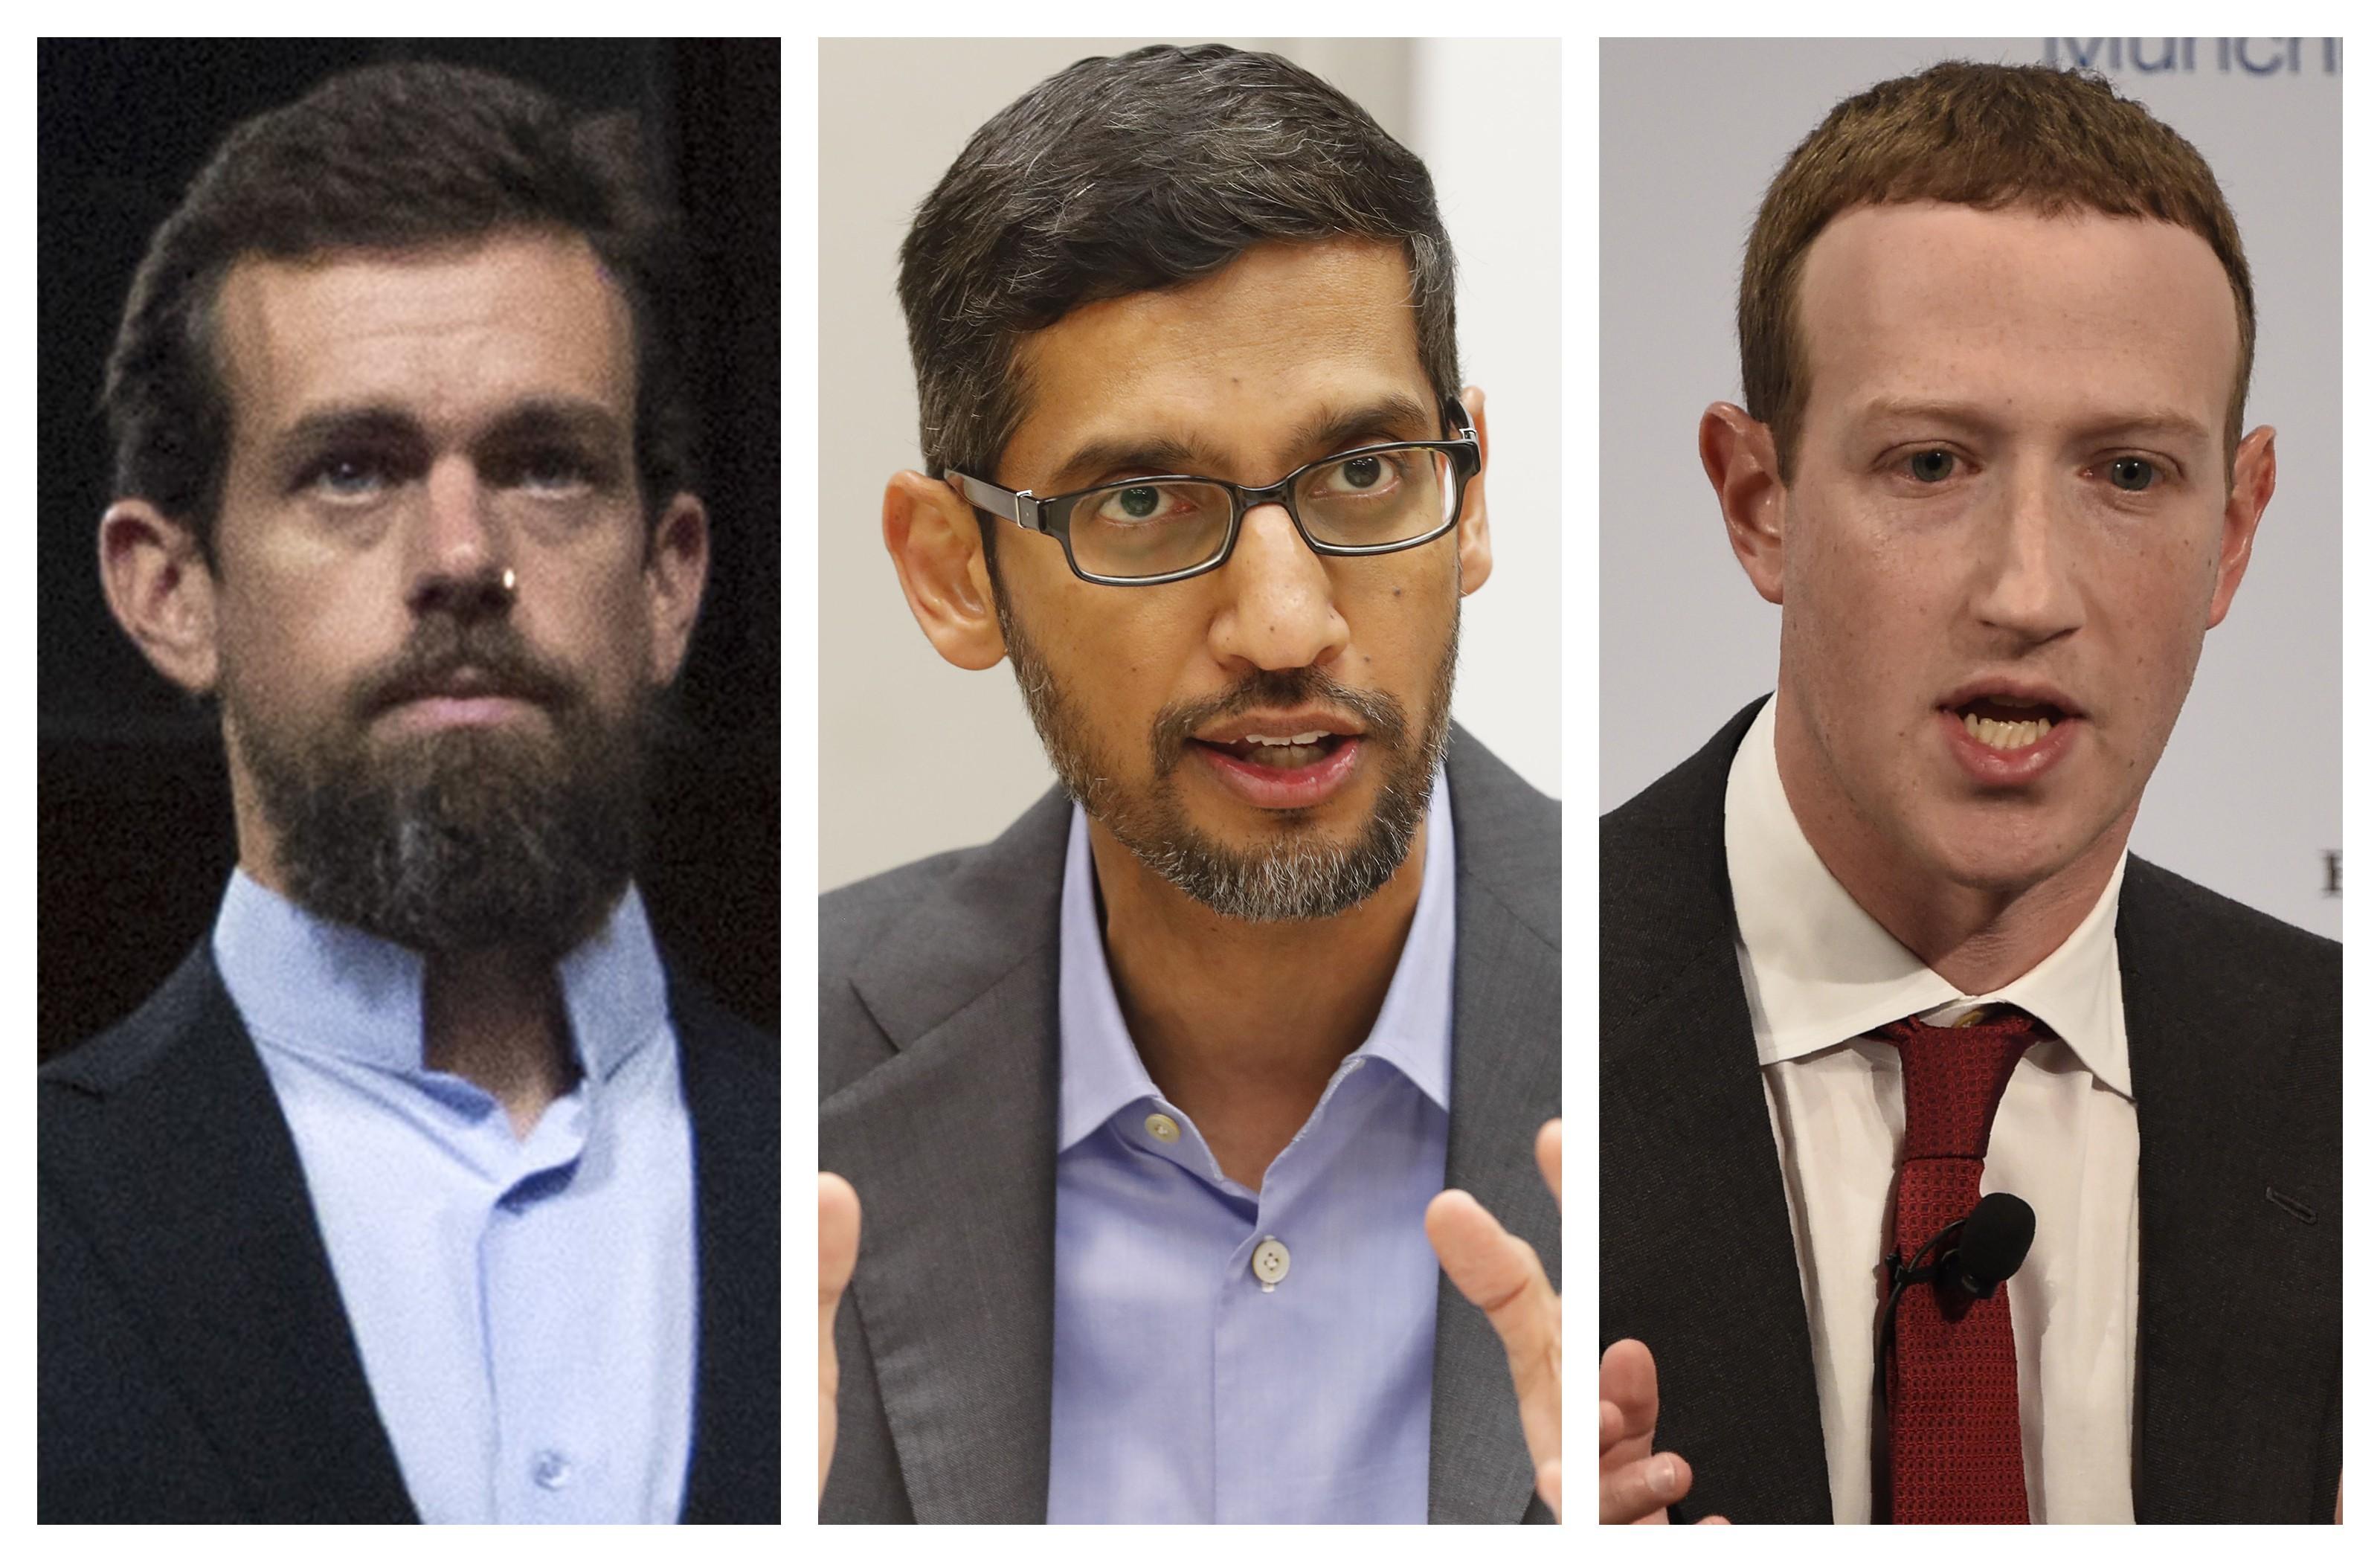 Eleição nos EUA: as gigantes das redes sociais realmente 'jogam contra' os republicanos?